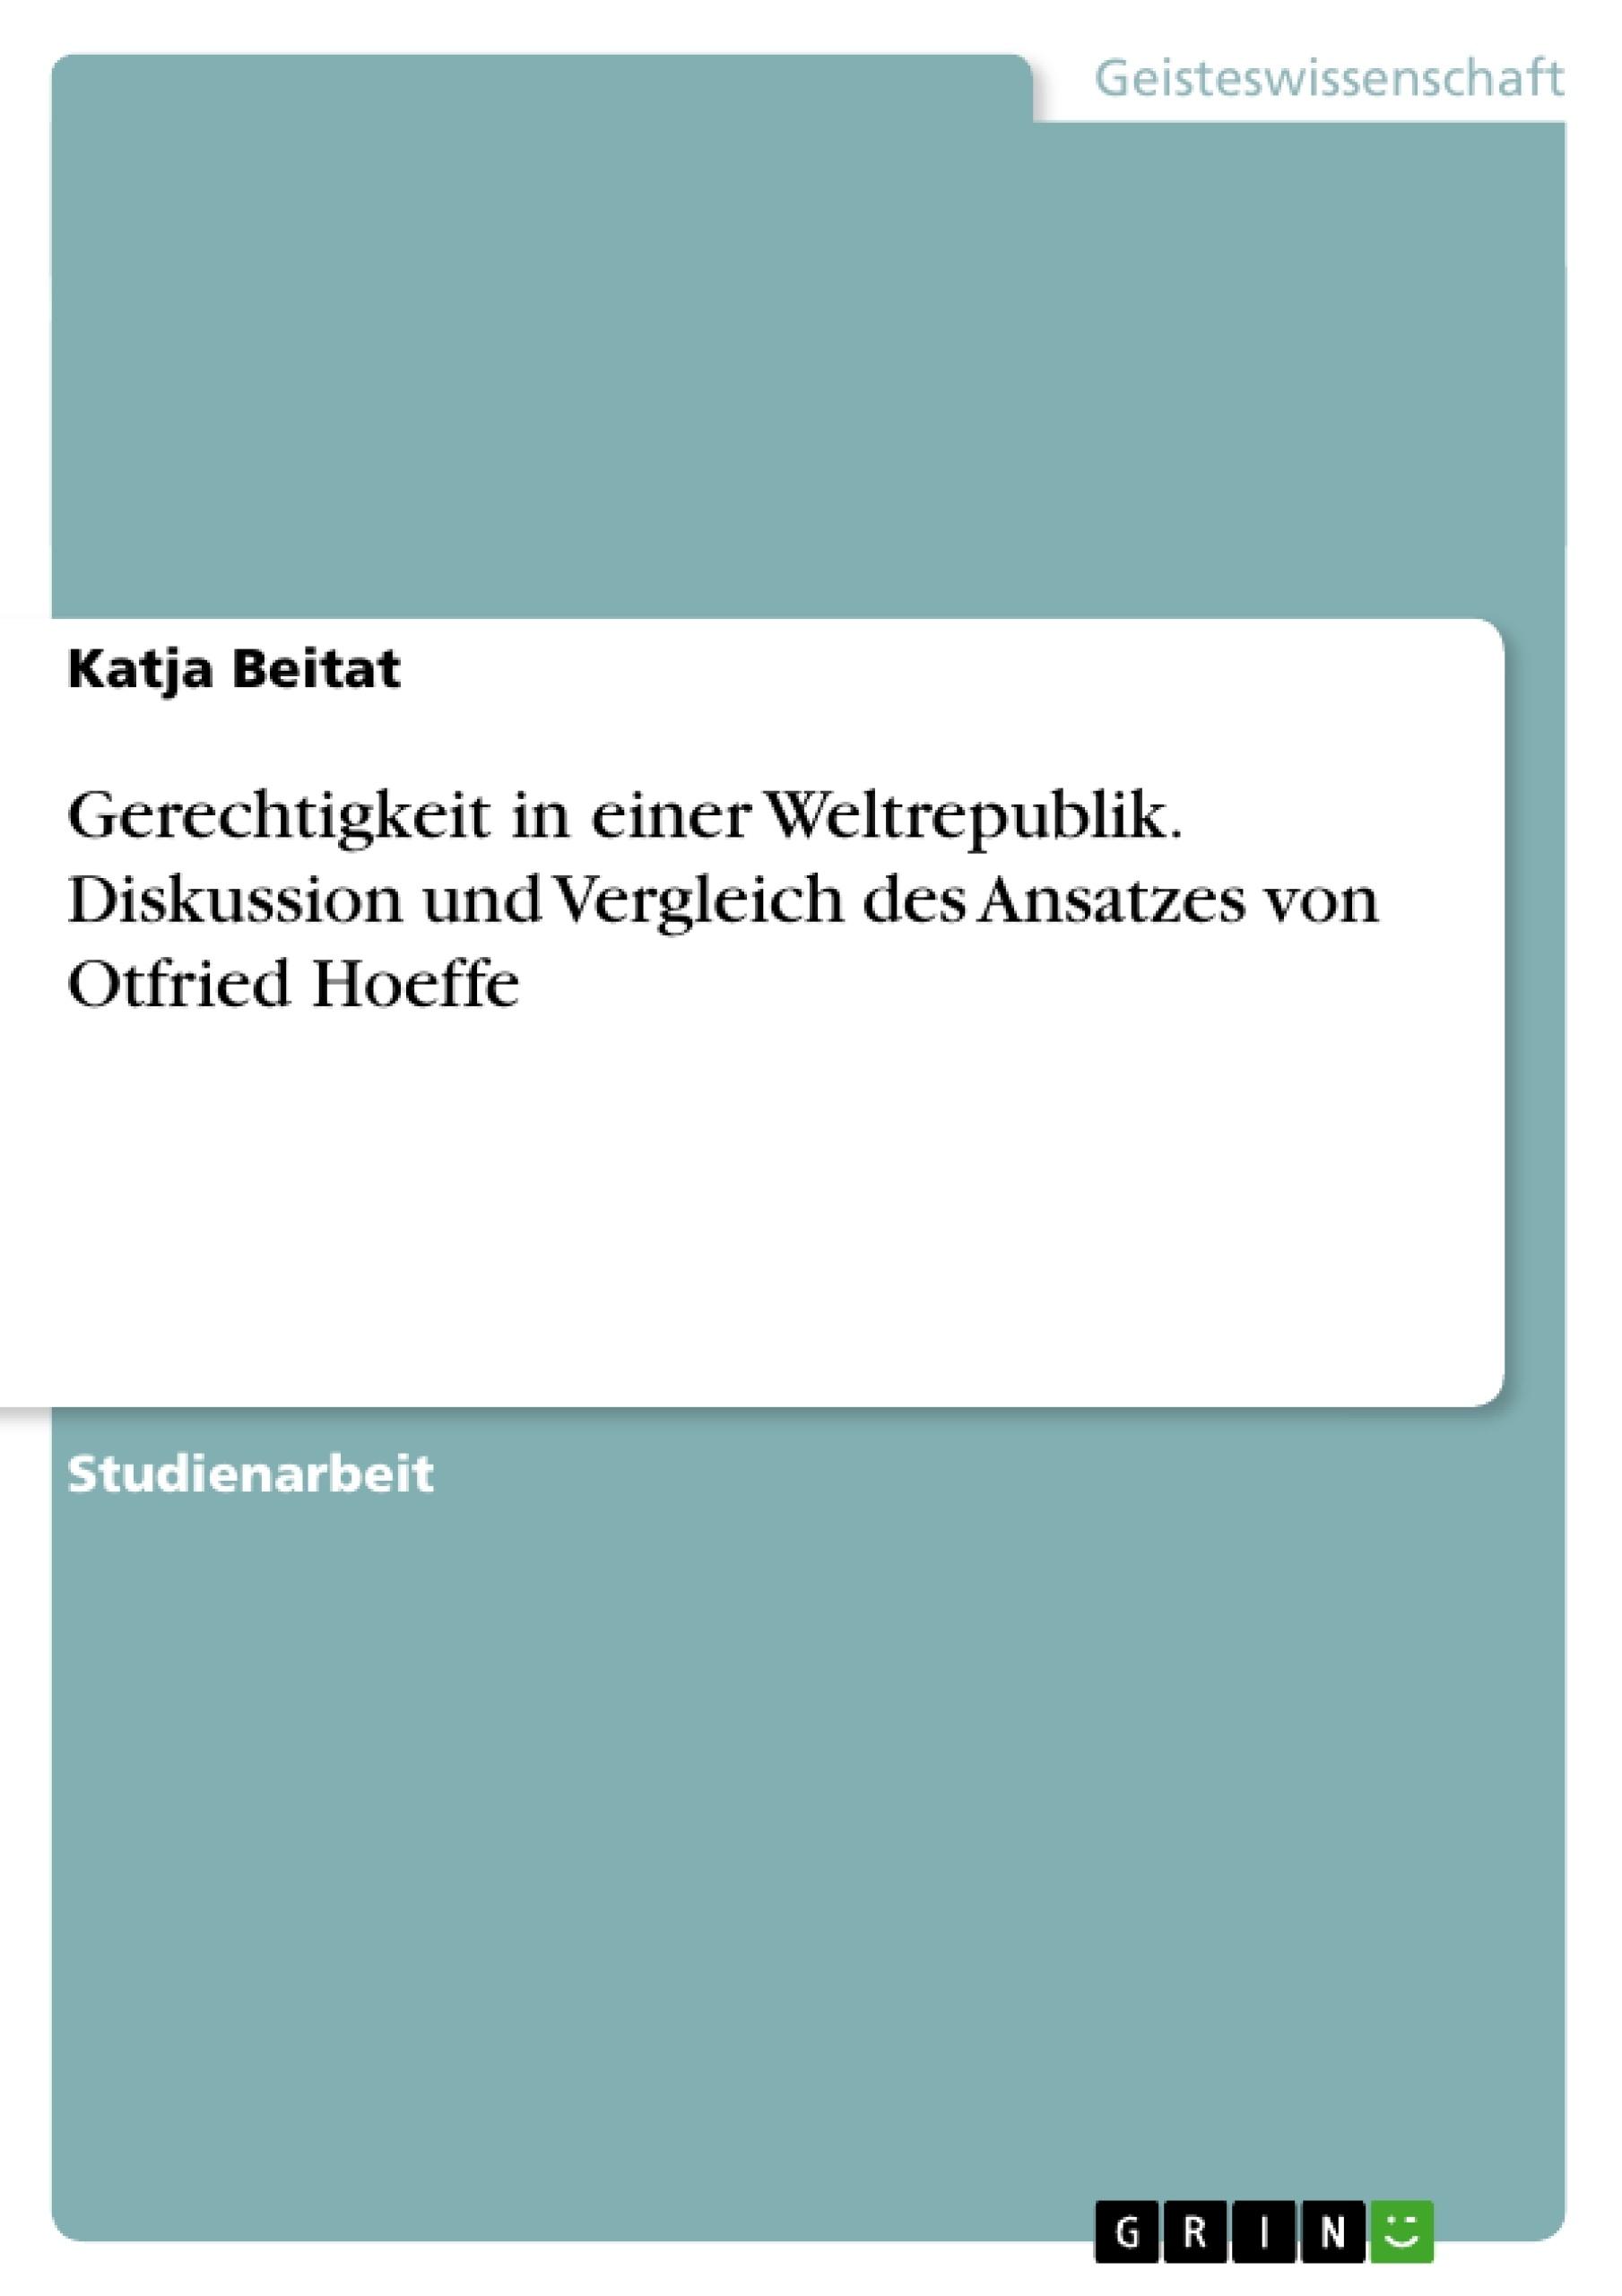 Titel: Gerechtigkeit in einer Weltrepublik. Diskussion und Vergleich des Ansatzes von Otfried Hoeffe